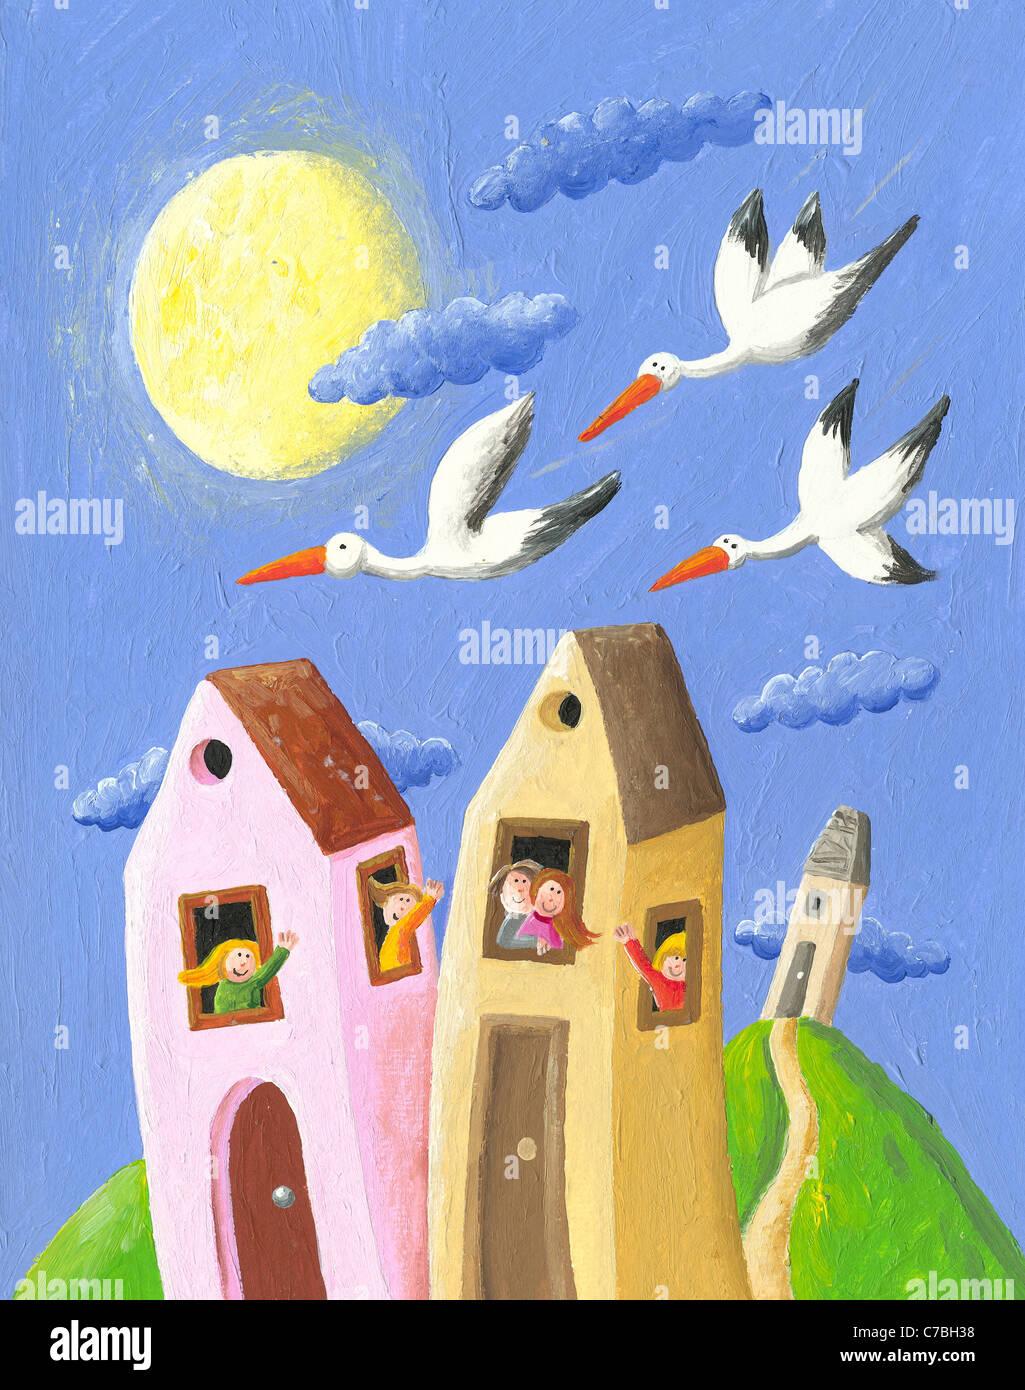 Illustrazione in acrilico di felice la gente nel villaggio sventolando cicogne Immagini Stock